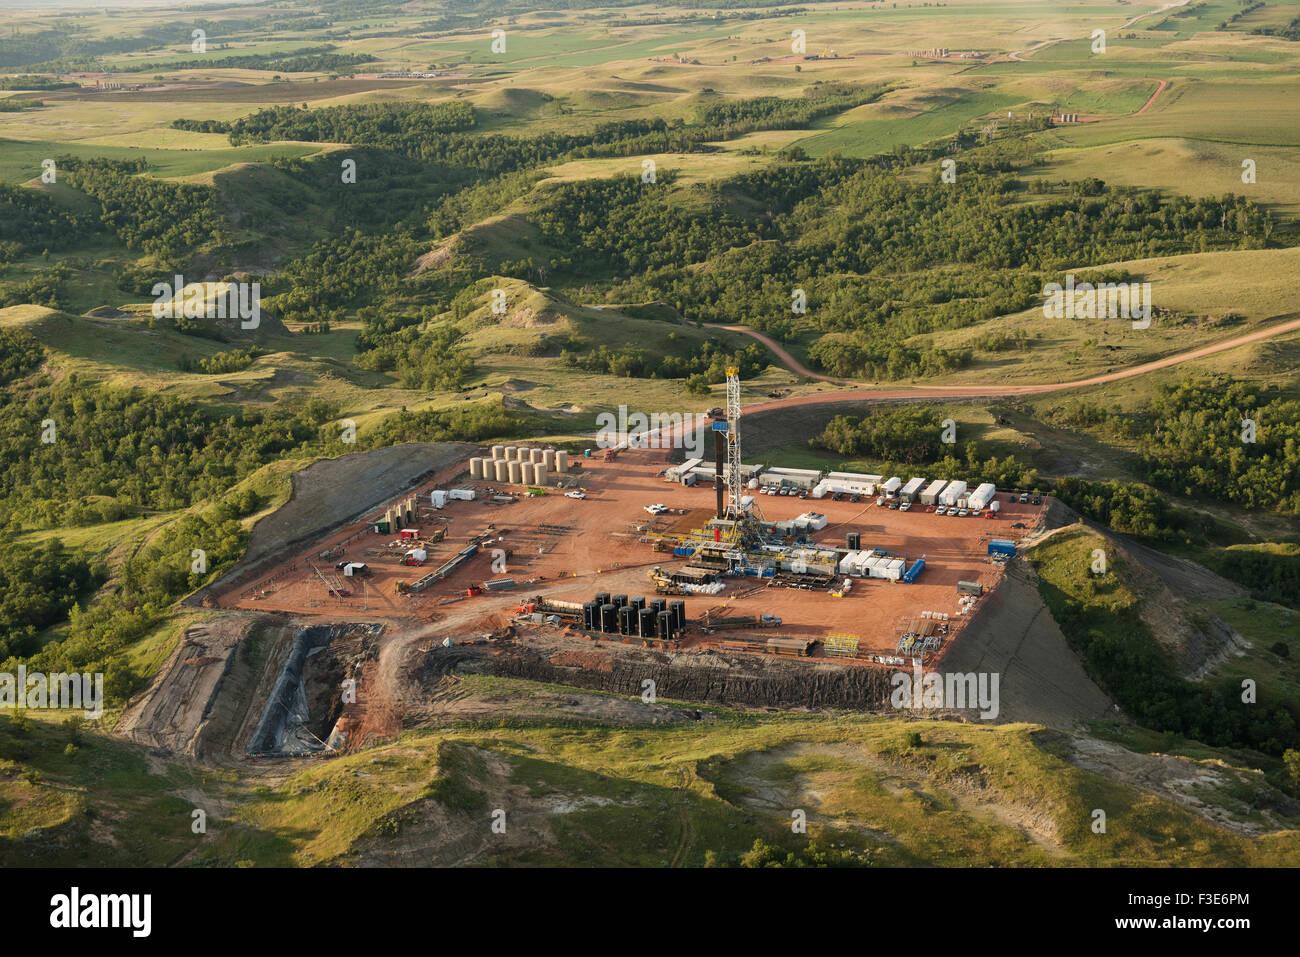 Le développement de l'huile dans la Formation de Bakken, parmi les escarpements de la petite rivière Photo Stock